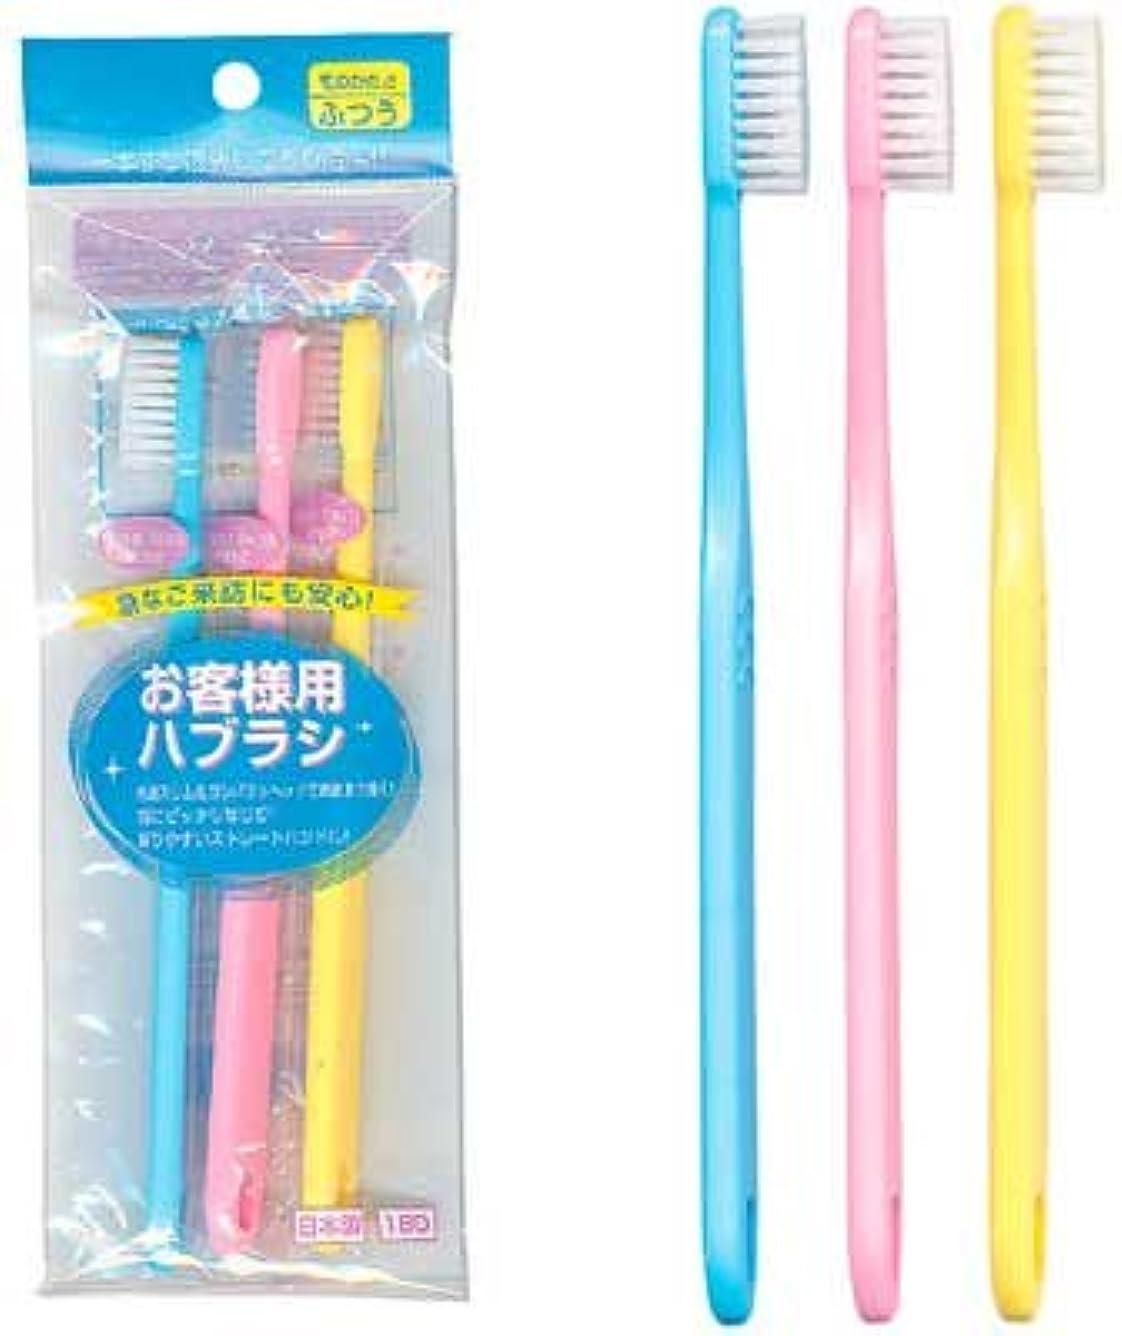 コーチ亡命ウェイトレスお客様用歯ブラシ(3P) 【まとめ買い12個セット】 41-006